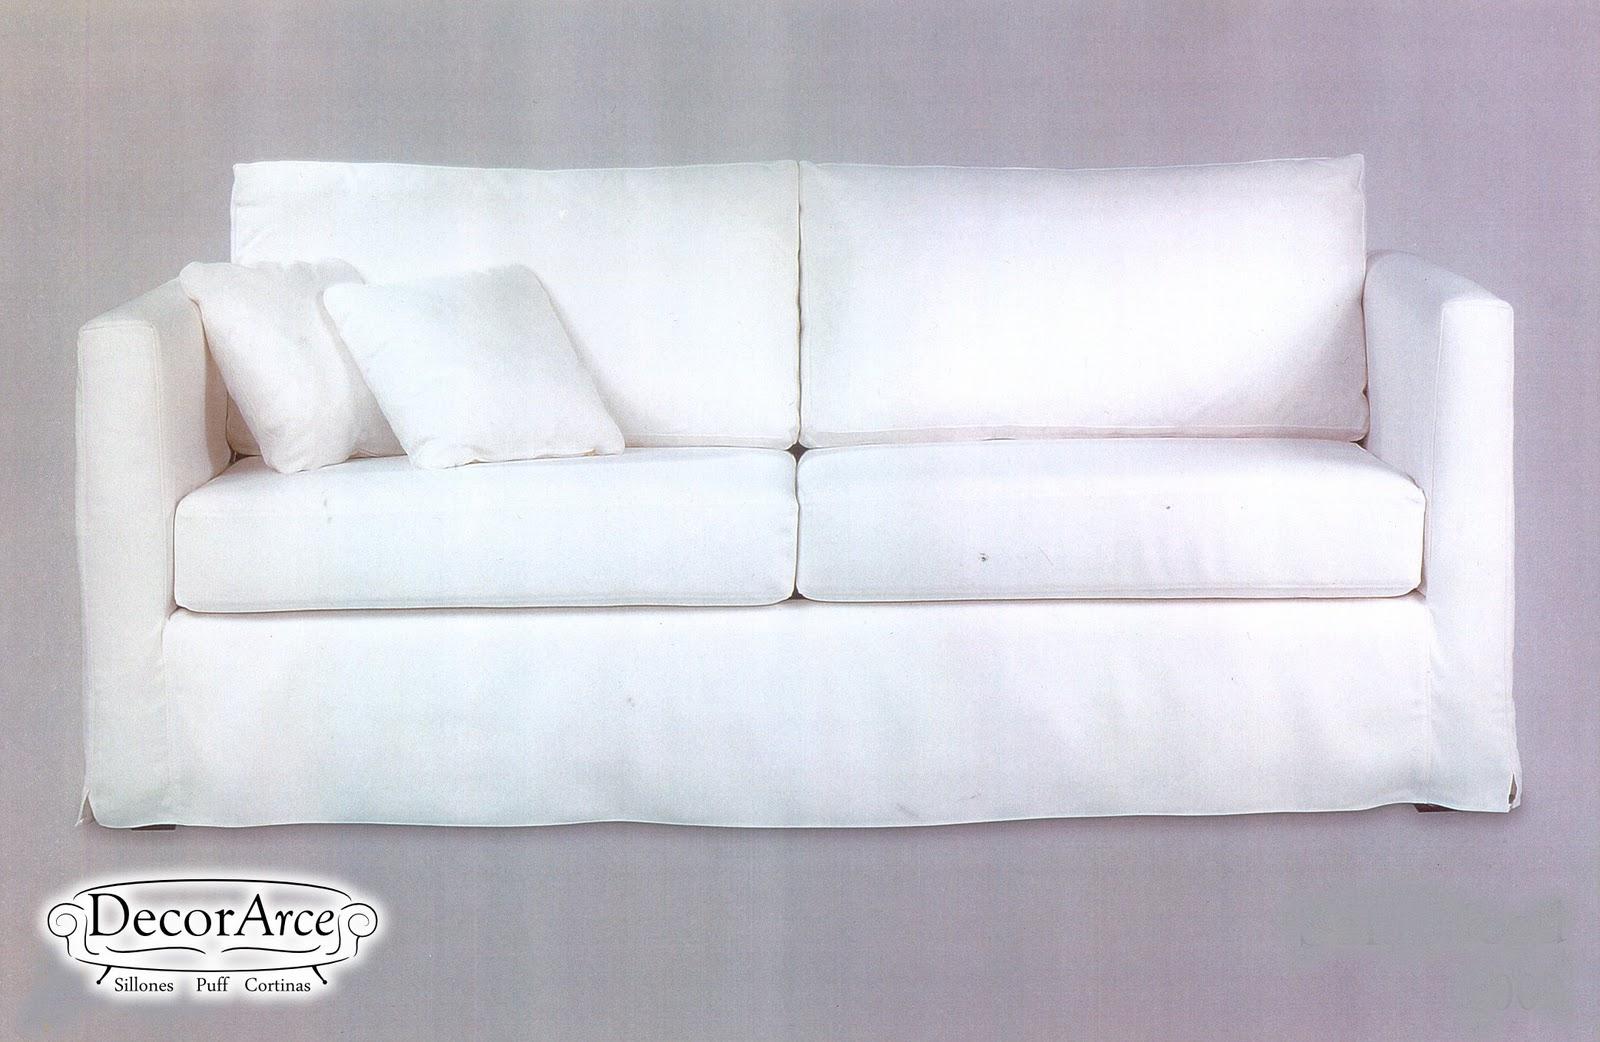 Sofa de dos y tres cuerpos decorarce mobiliario para for Sofa cama de dos cuerpos